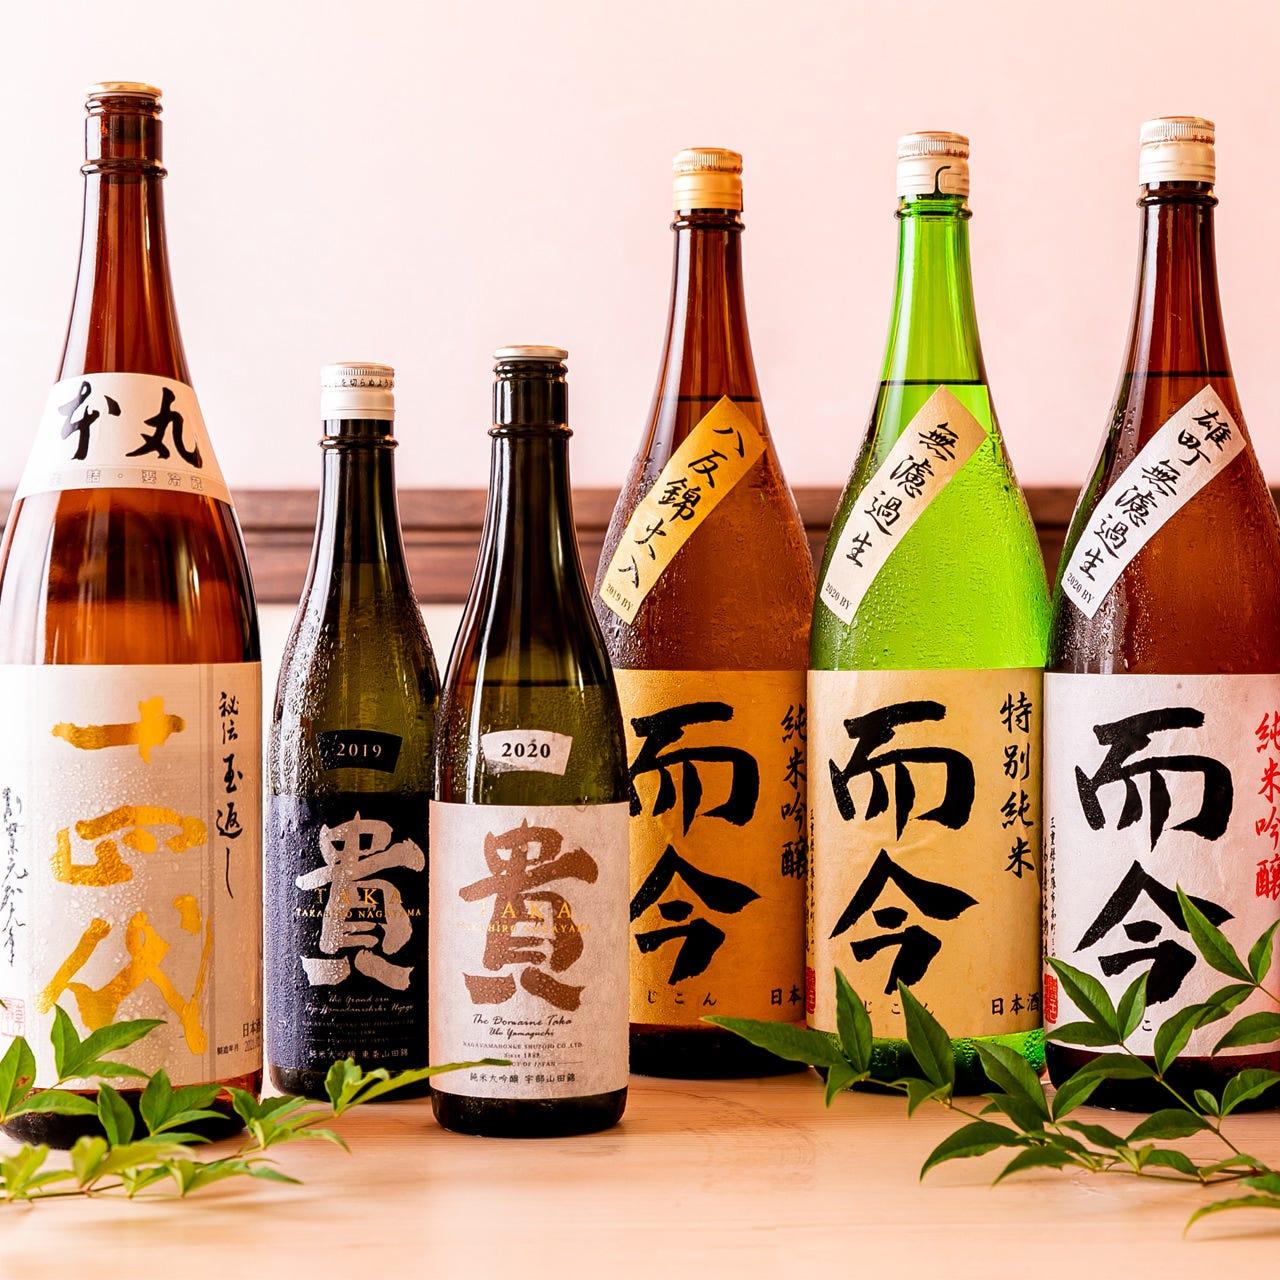 全国から厳選した希少な日本酒の数々